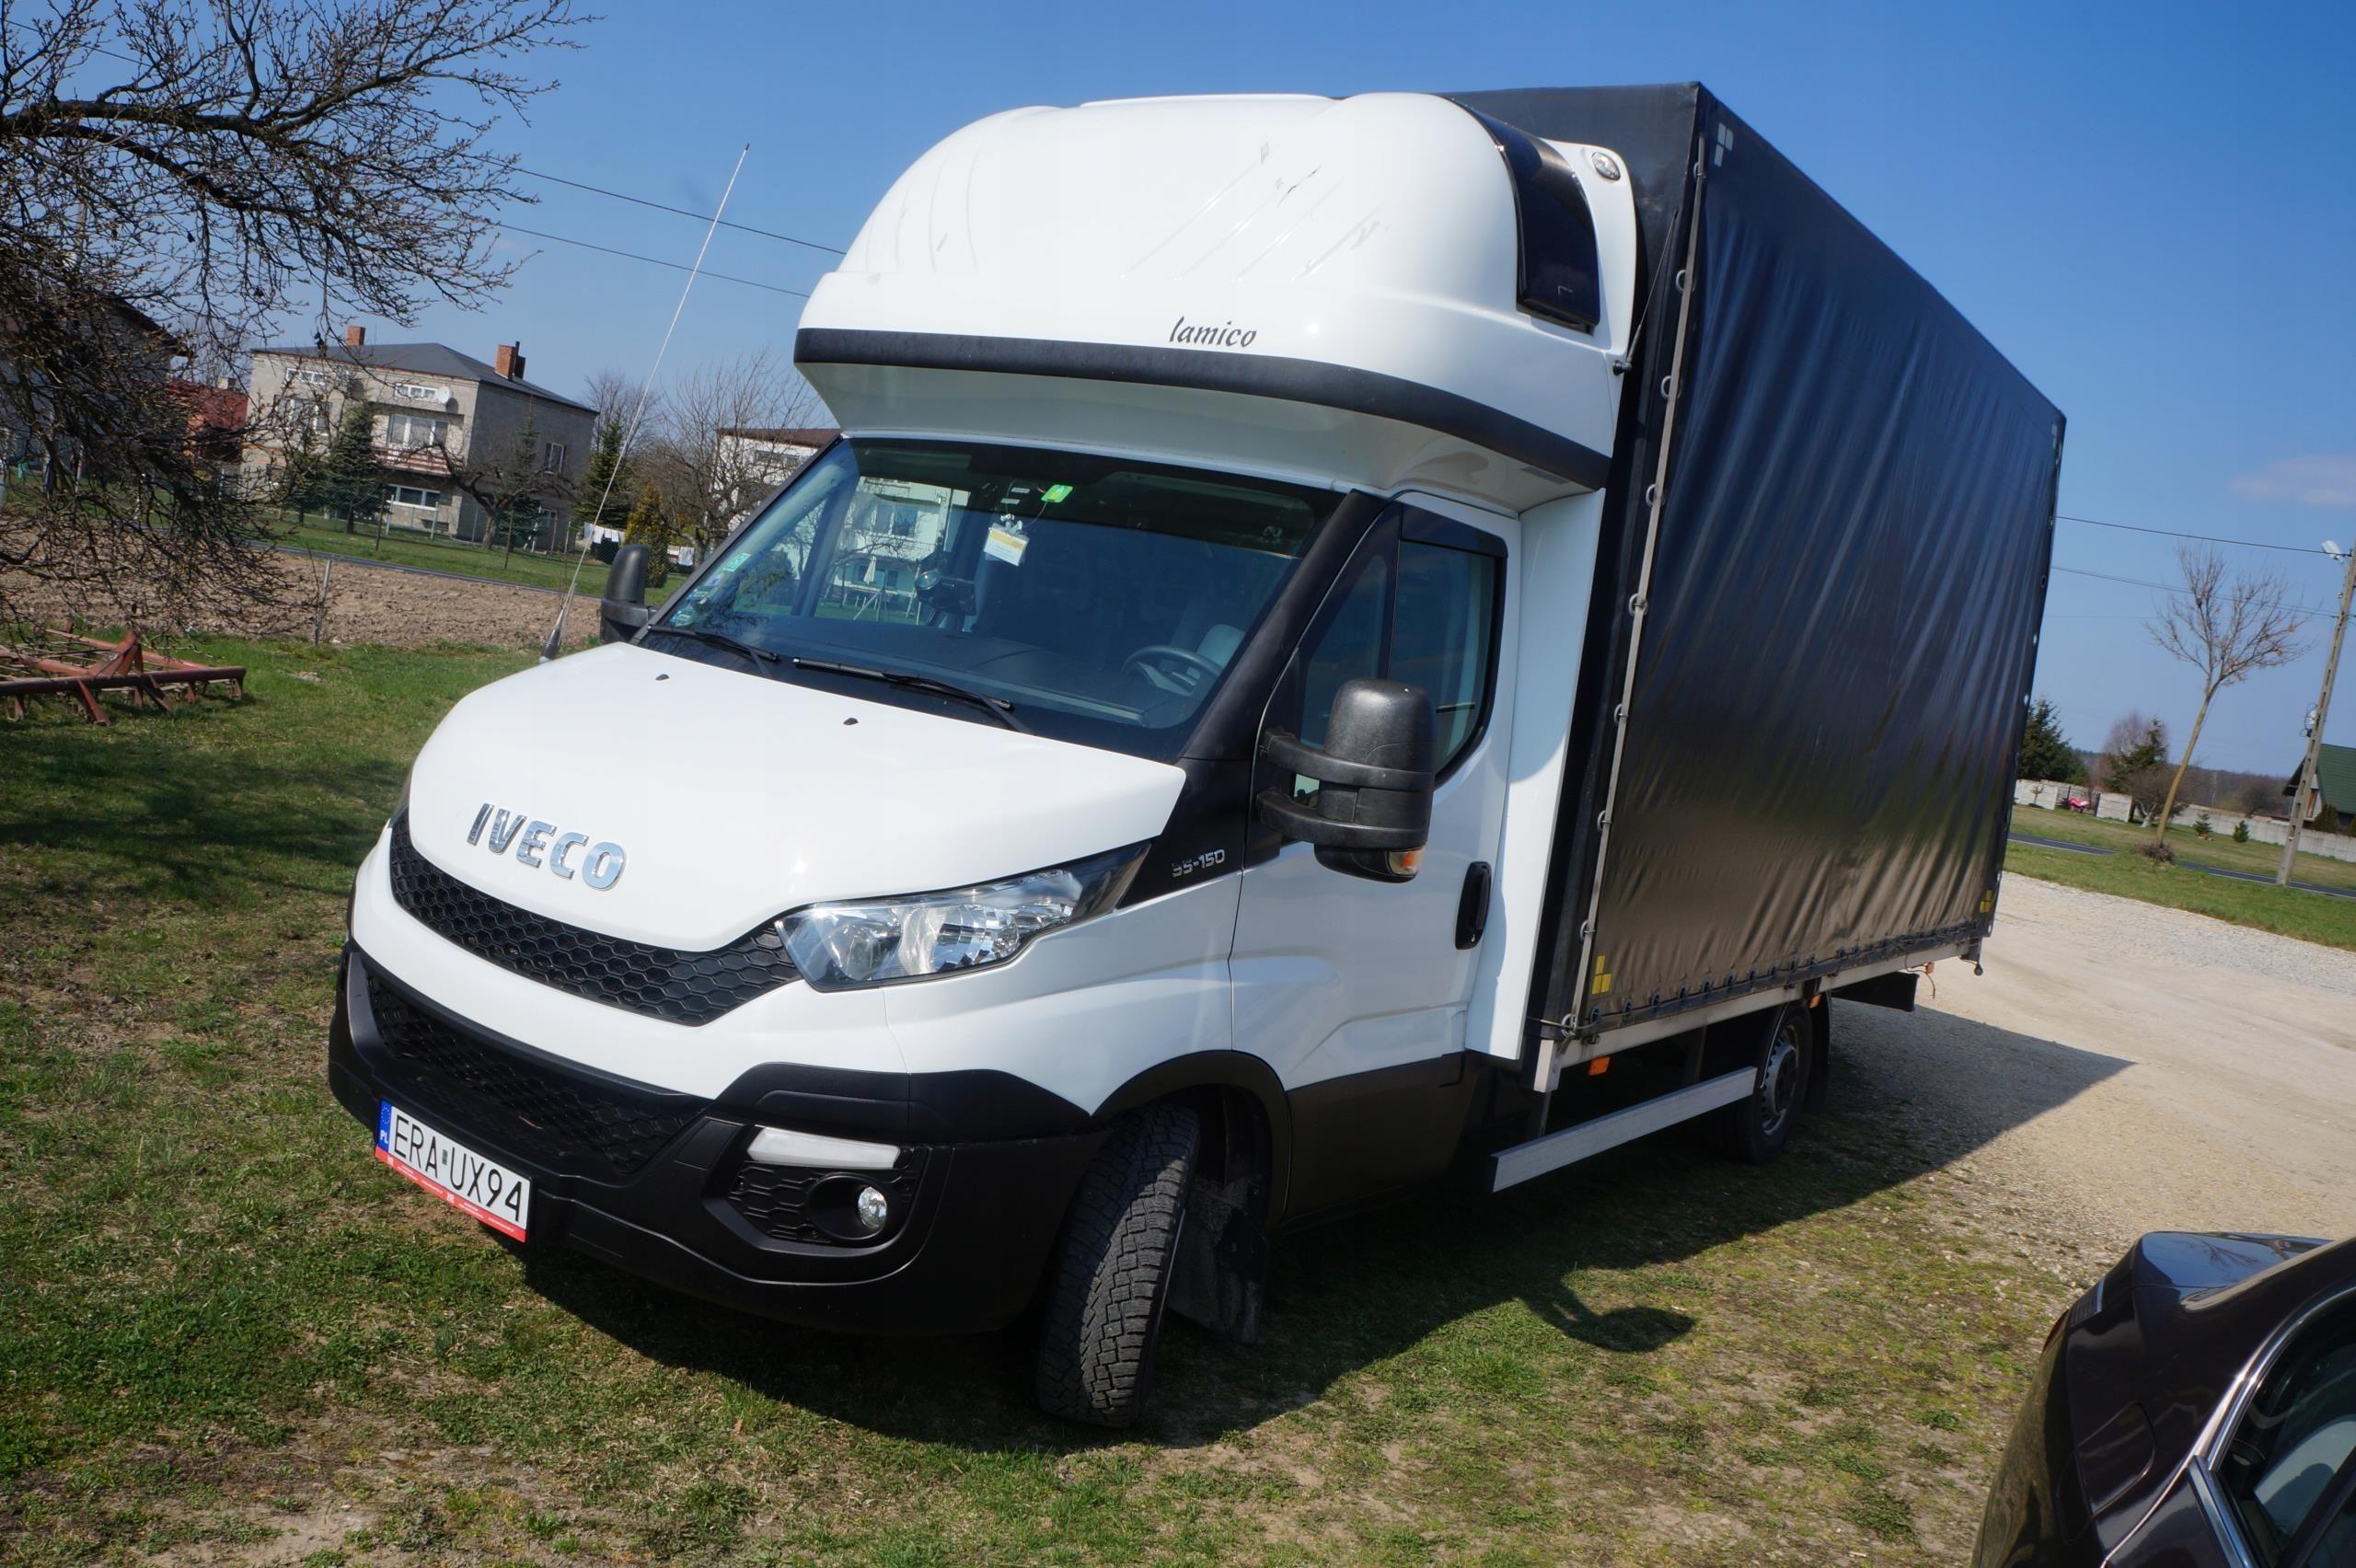 Samochod Dostawczy Iveco Daily Opinie I Ceny Na Ceneo Pl